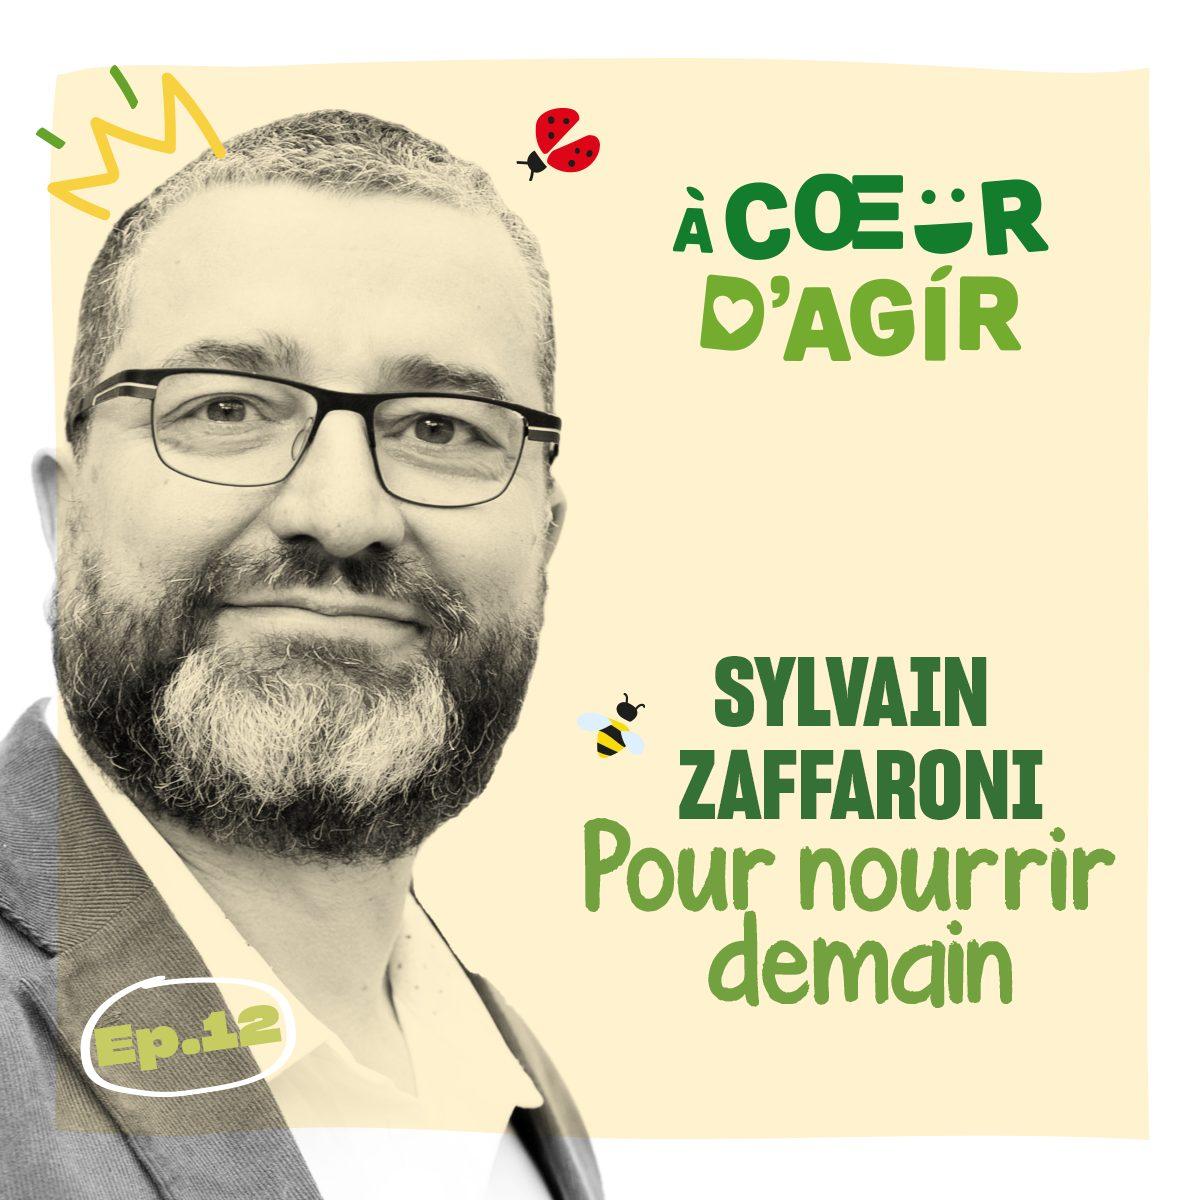 BLEDINA RECAST 7sylvainpng - Podcast À Coeur d'Agir : rencontre avec Sylvain Zaffaroni, cofondateur de la Communauté Pour nourrir demain